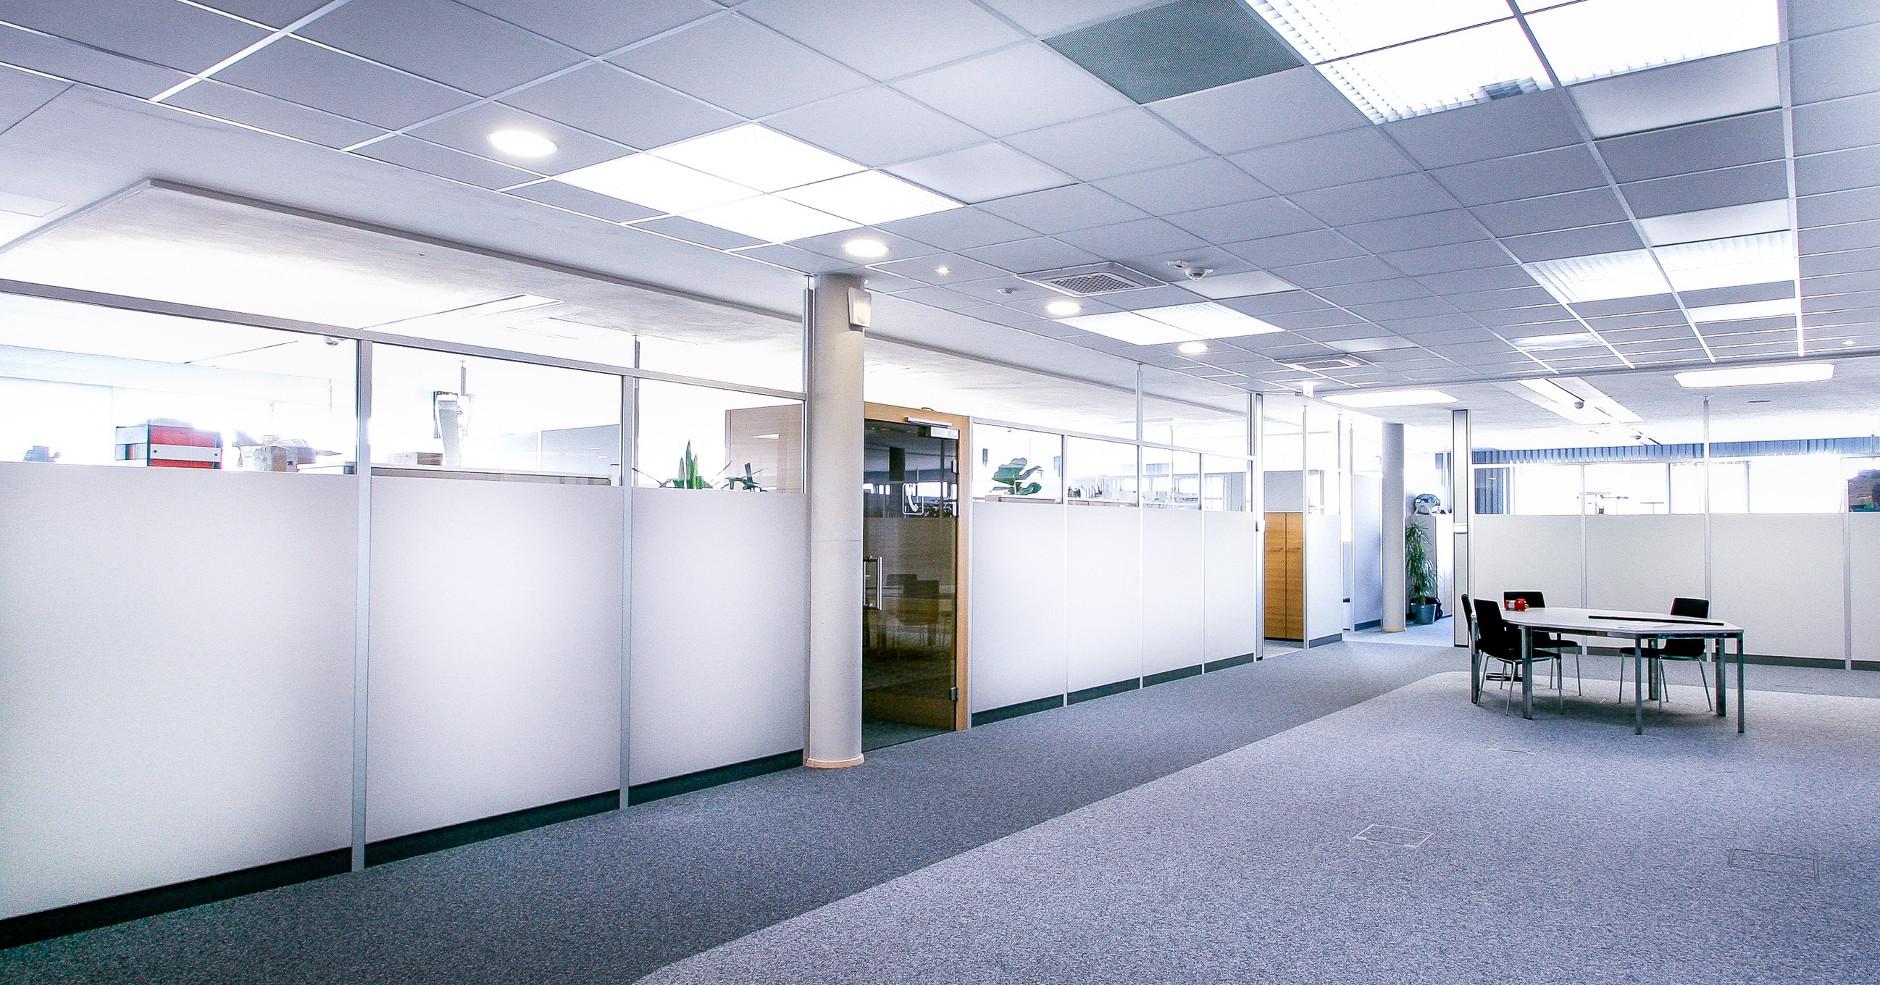 Raumhohe FleXX Akustik Trennwände mit Sichtglas im Büro